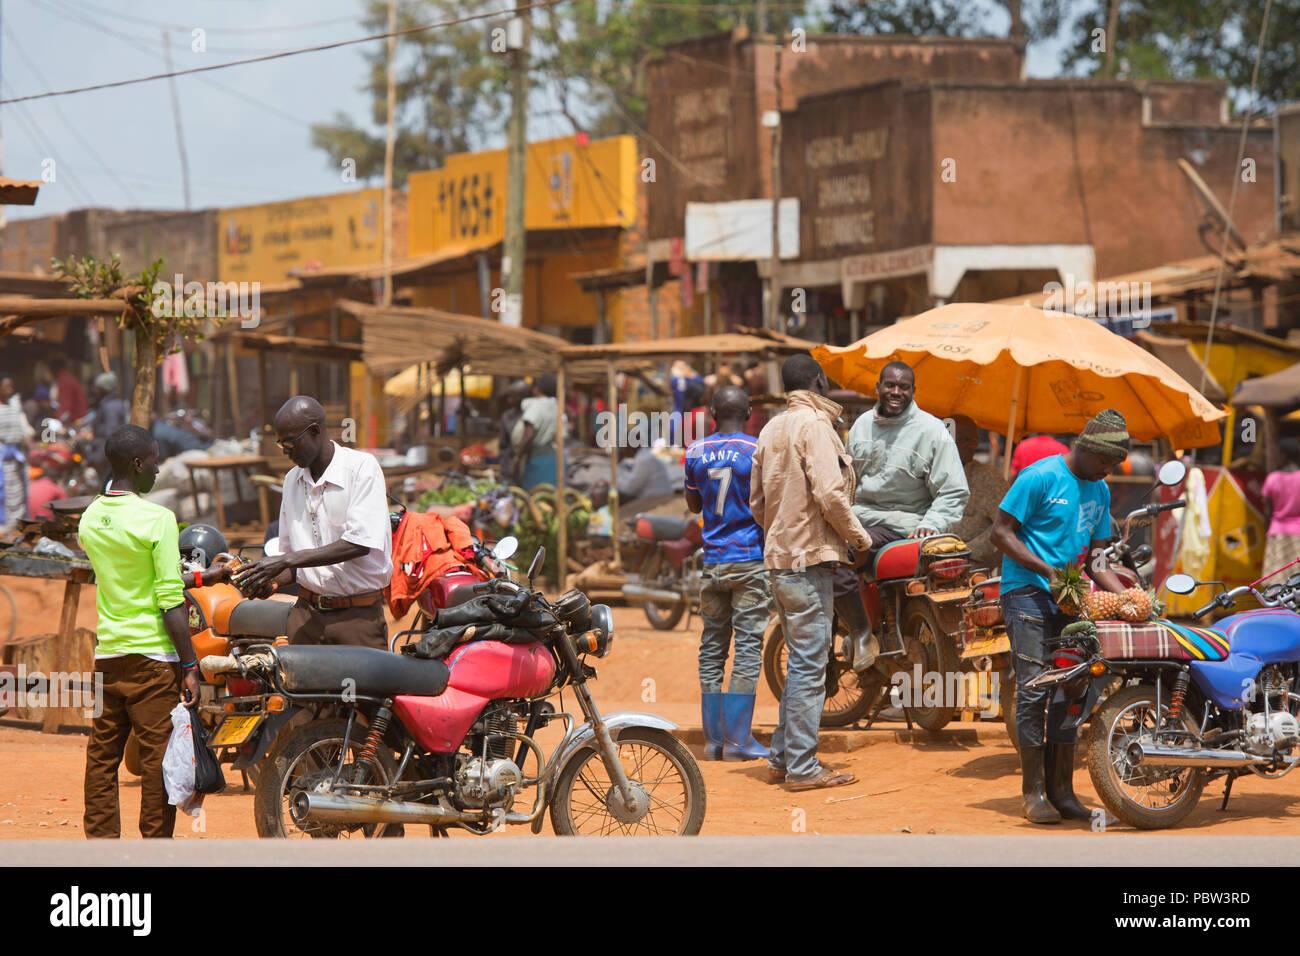 Kleine Stadt, Street Scene, Männer mit Motorrädern, voll besetzt, die Beförderung, Ost Afrika, Uganda Stockbild